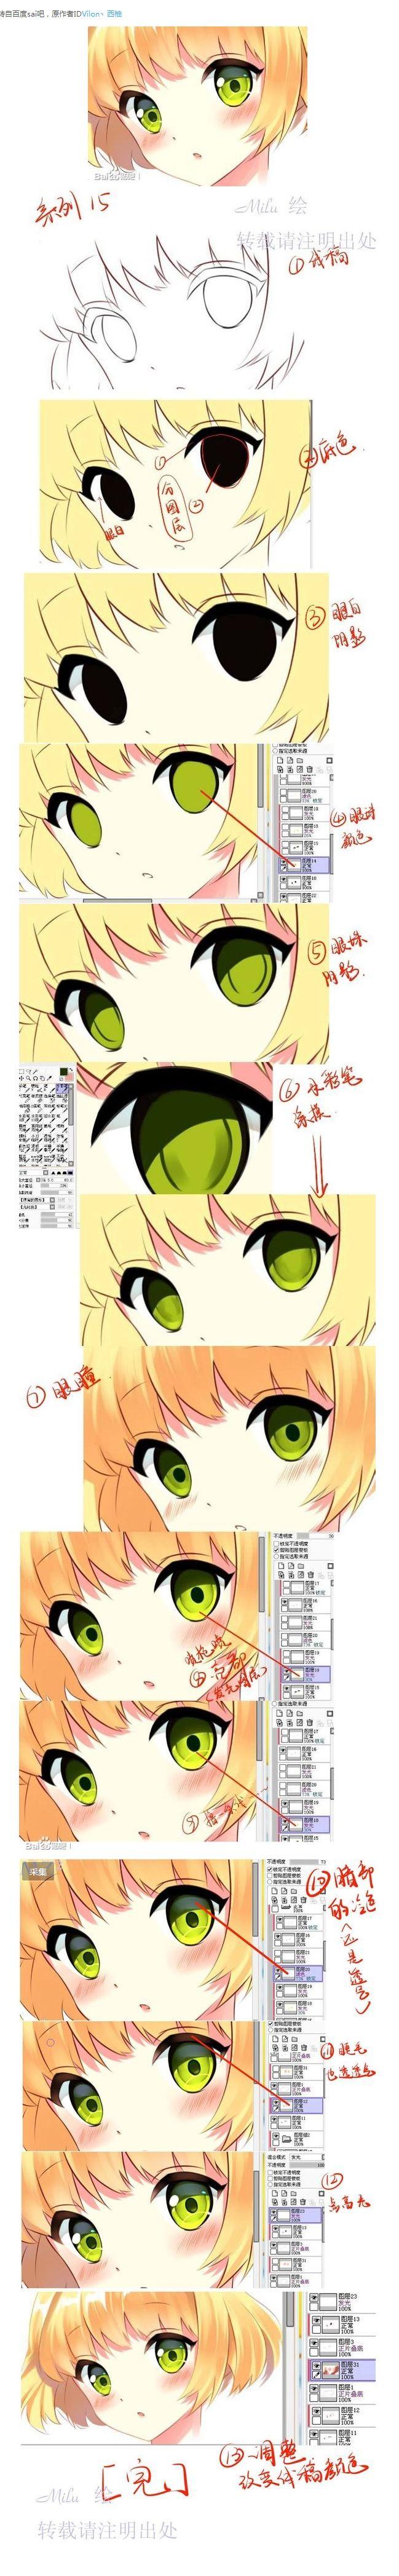 文章-【转载】眼睛画法教程十五 | 半次...